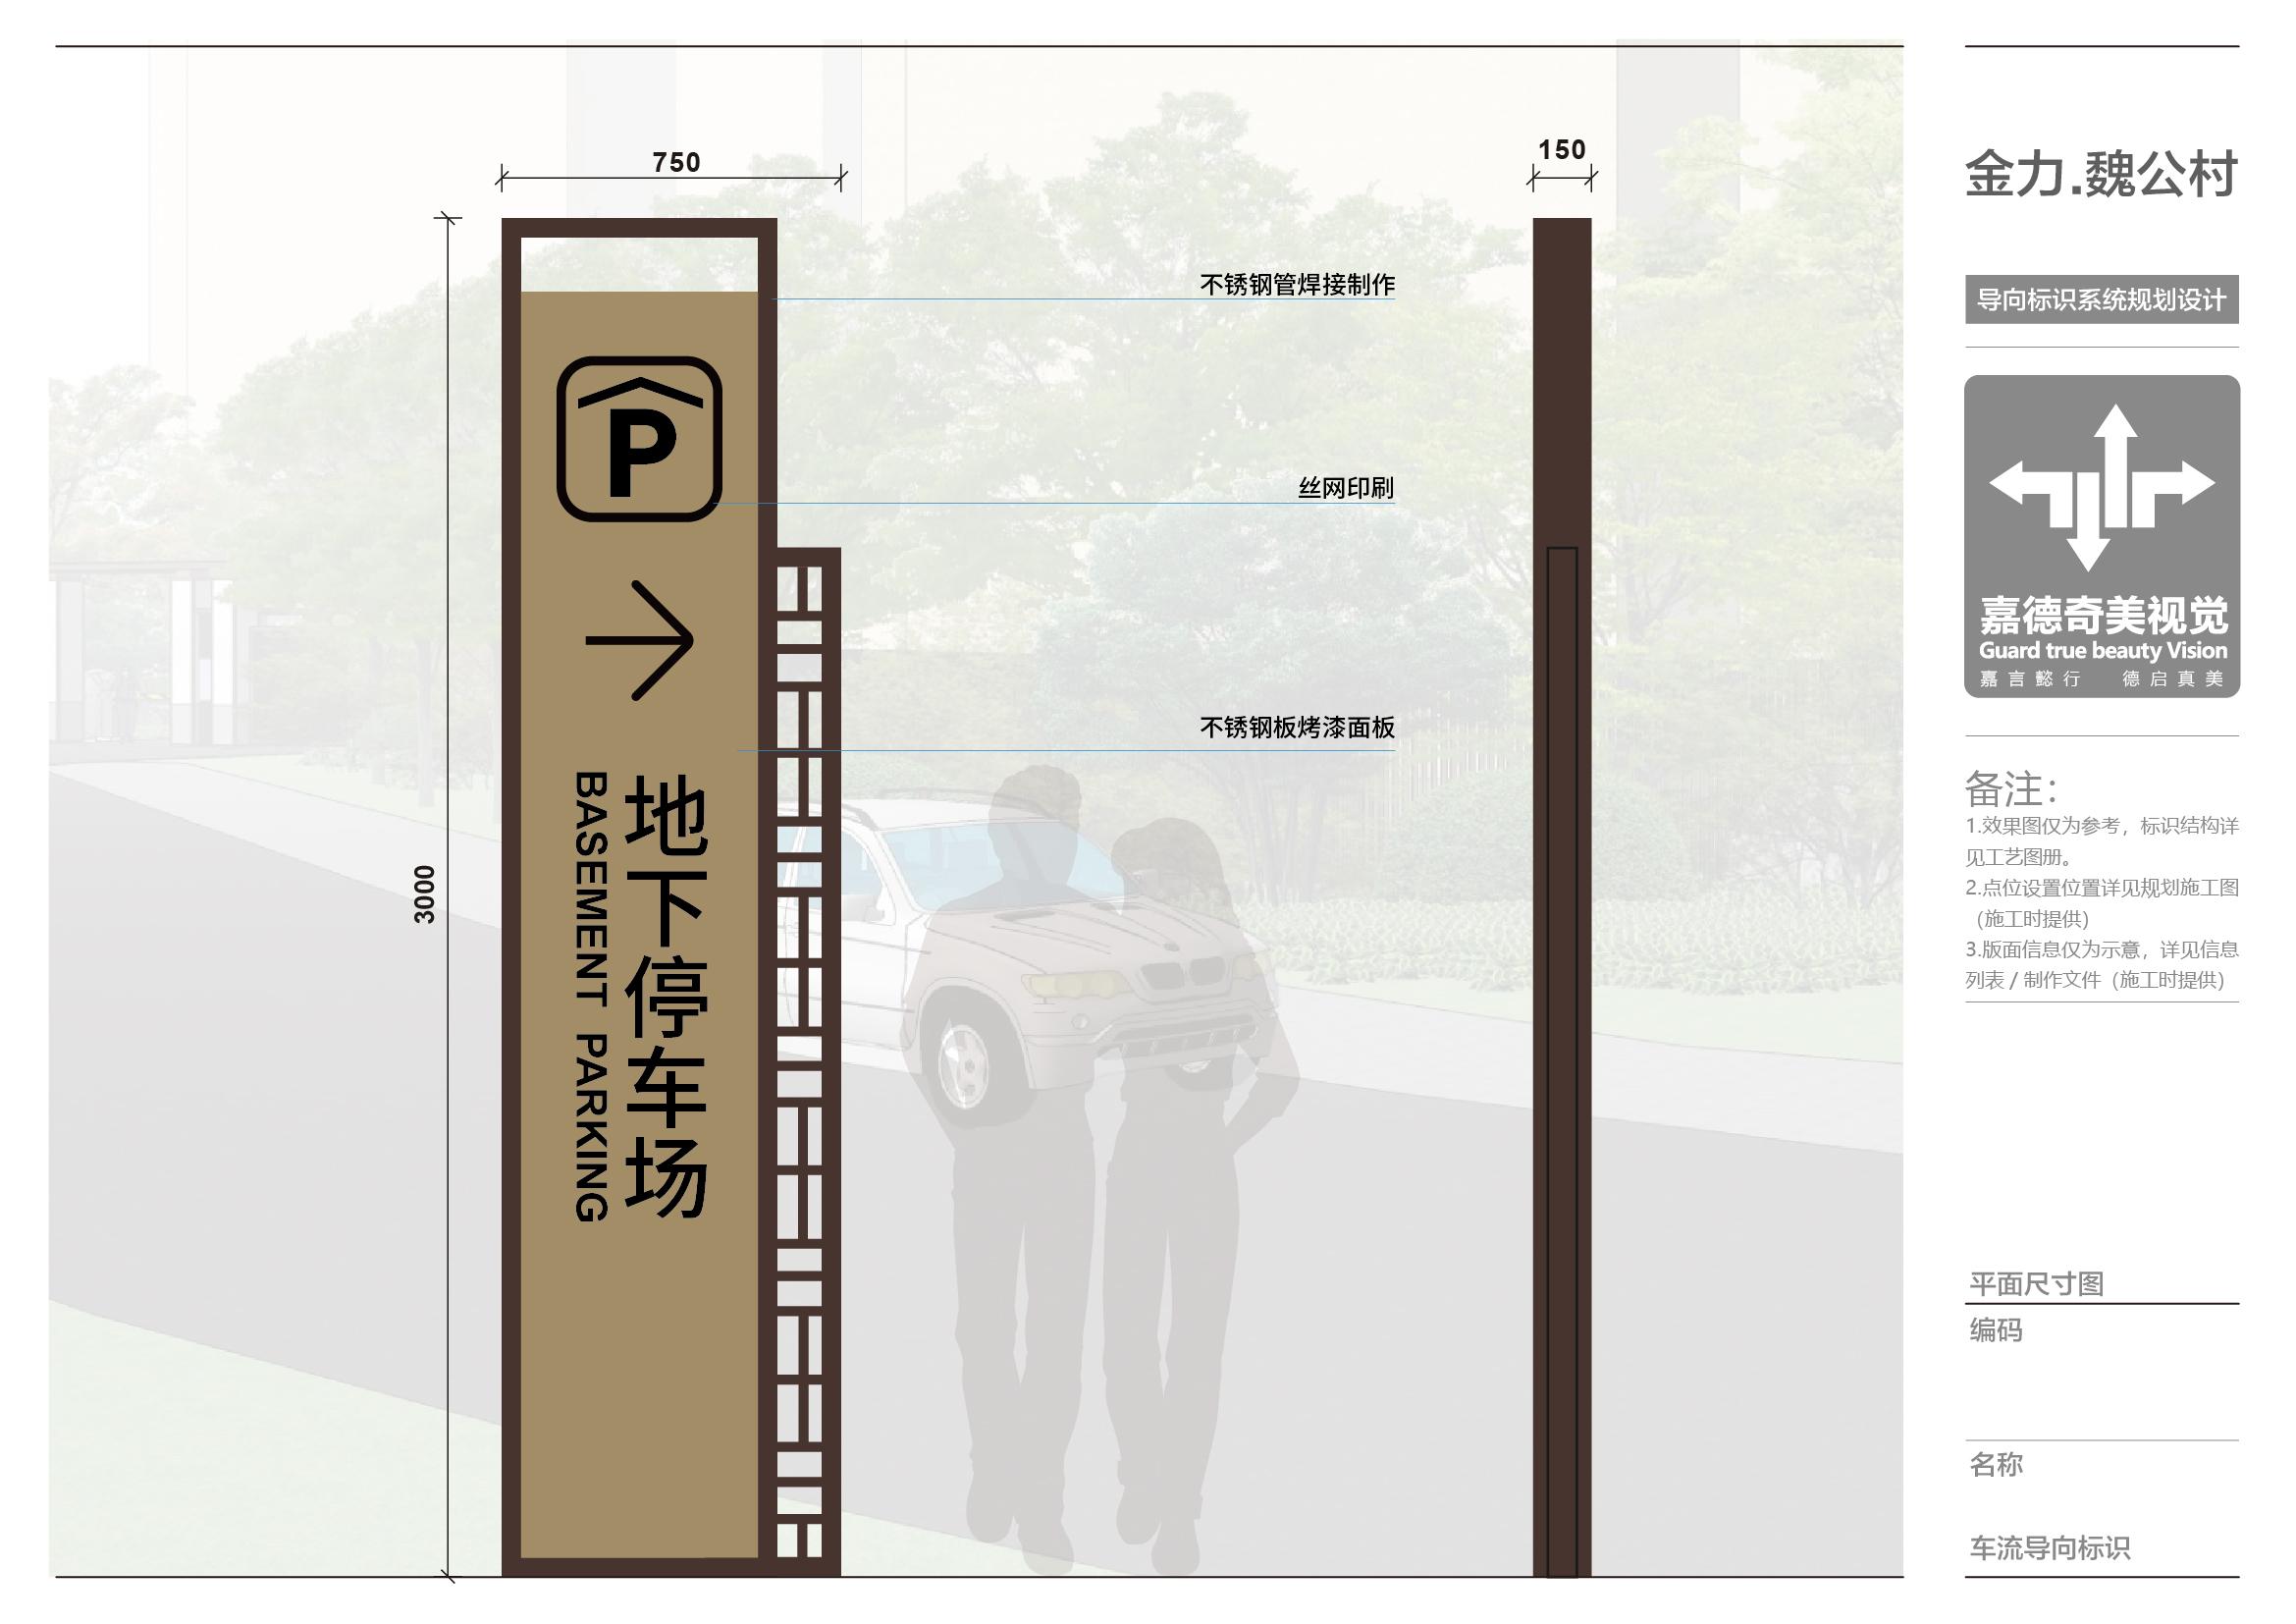 金力魏公村导示系统方案设计2019-12-18发_页面_02